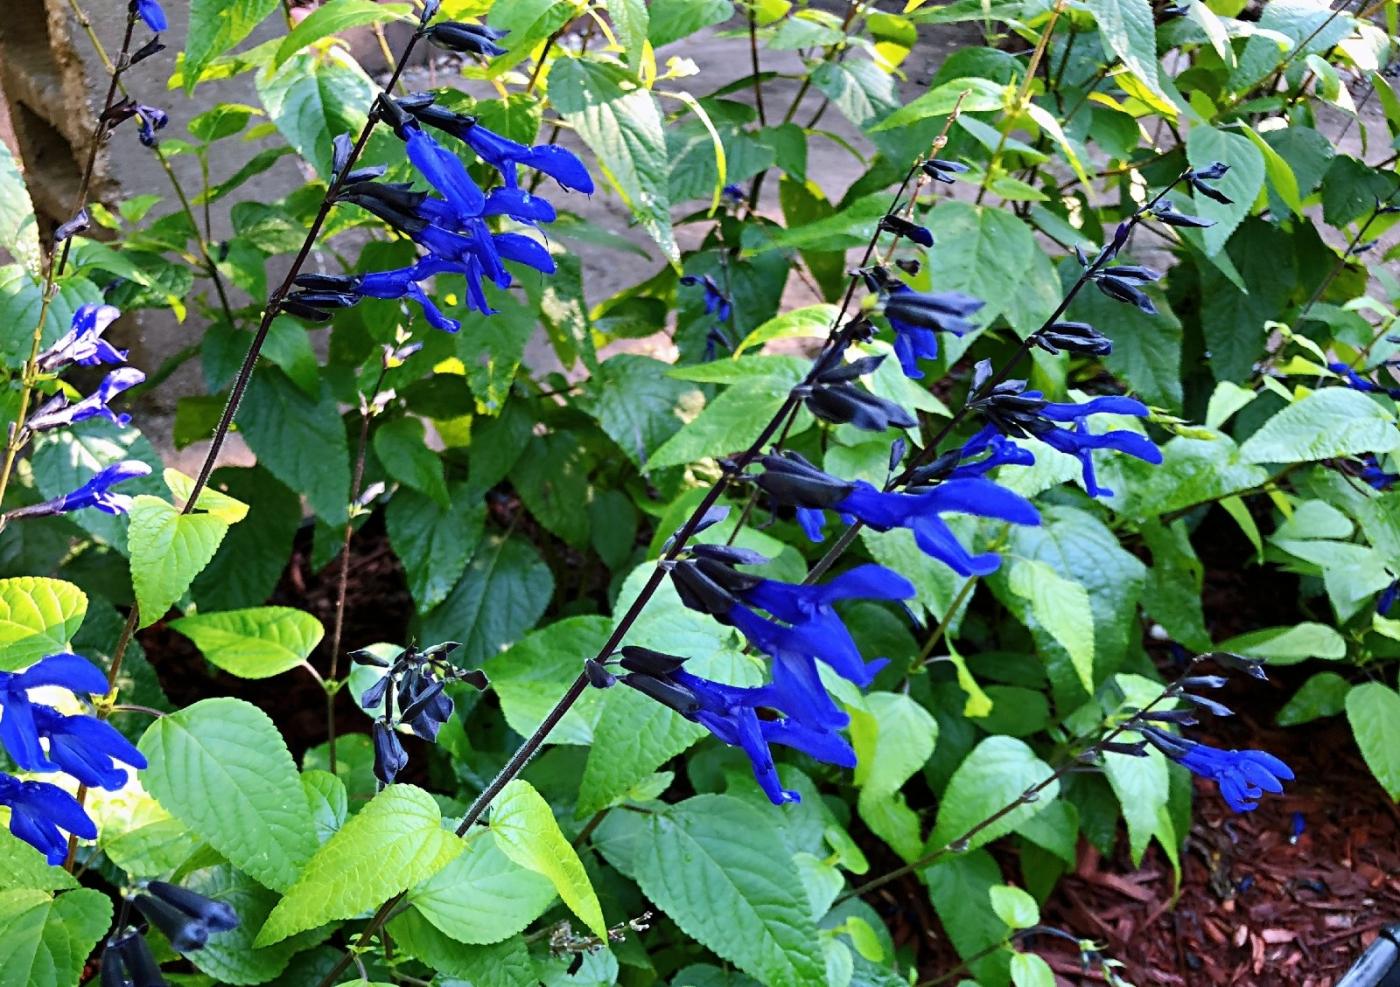 【田螺随拍】我今年种的蜂鸟喜欢吃的花都开了_图1-17